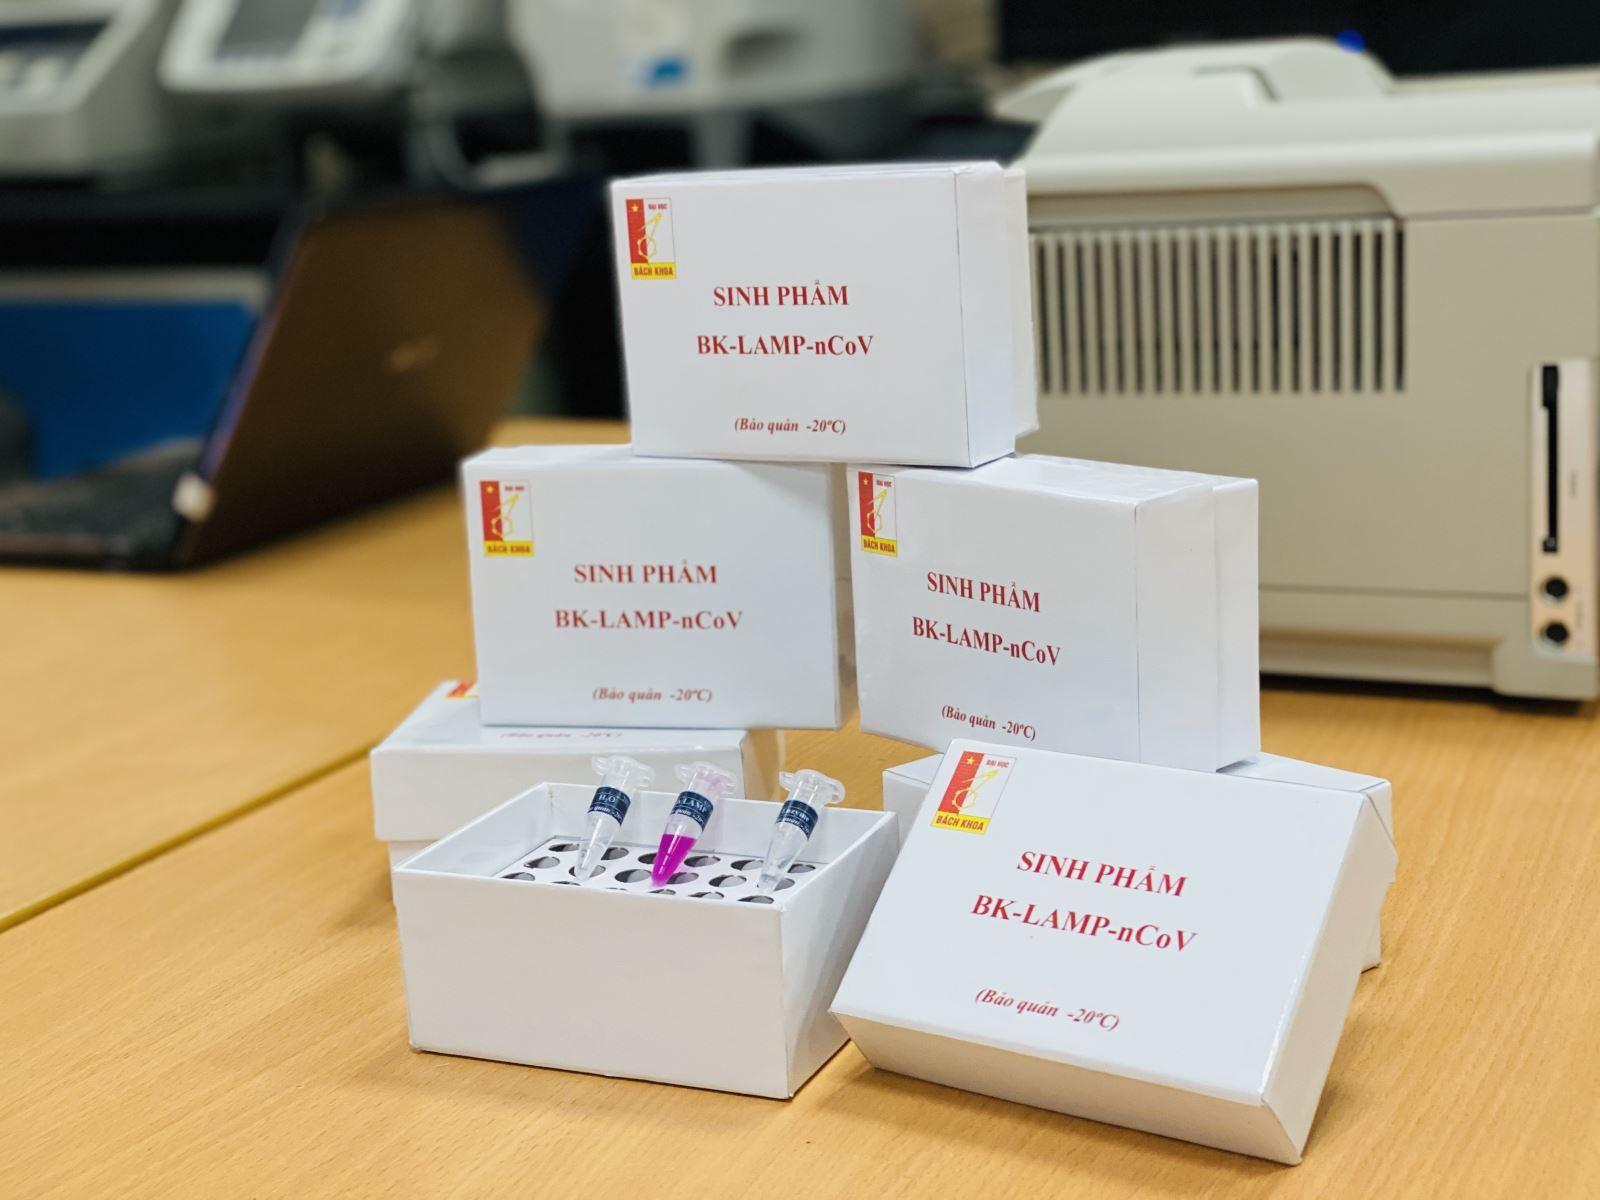 nghiên cứu khoa học,virus corona,corona Việt Nam